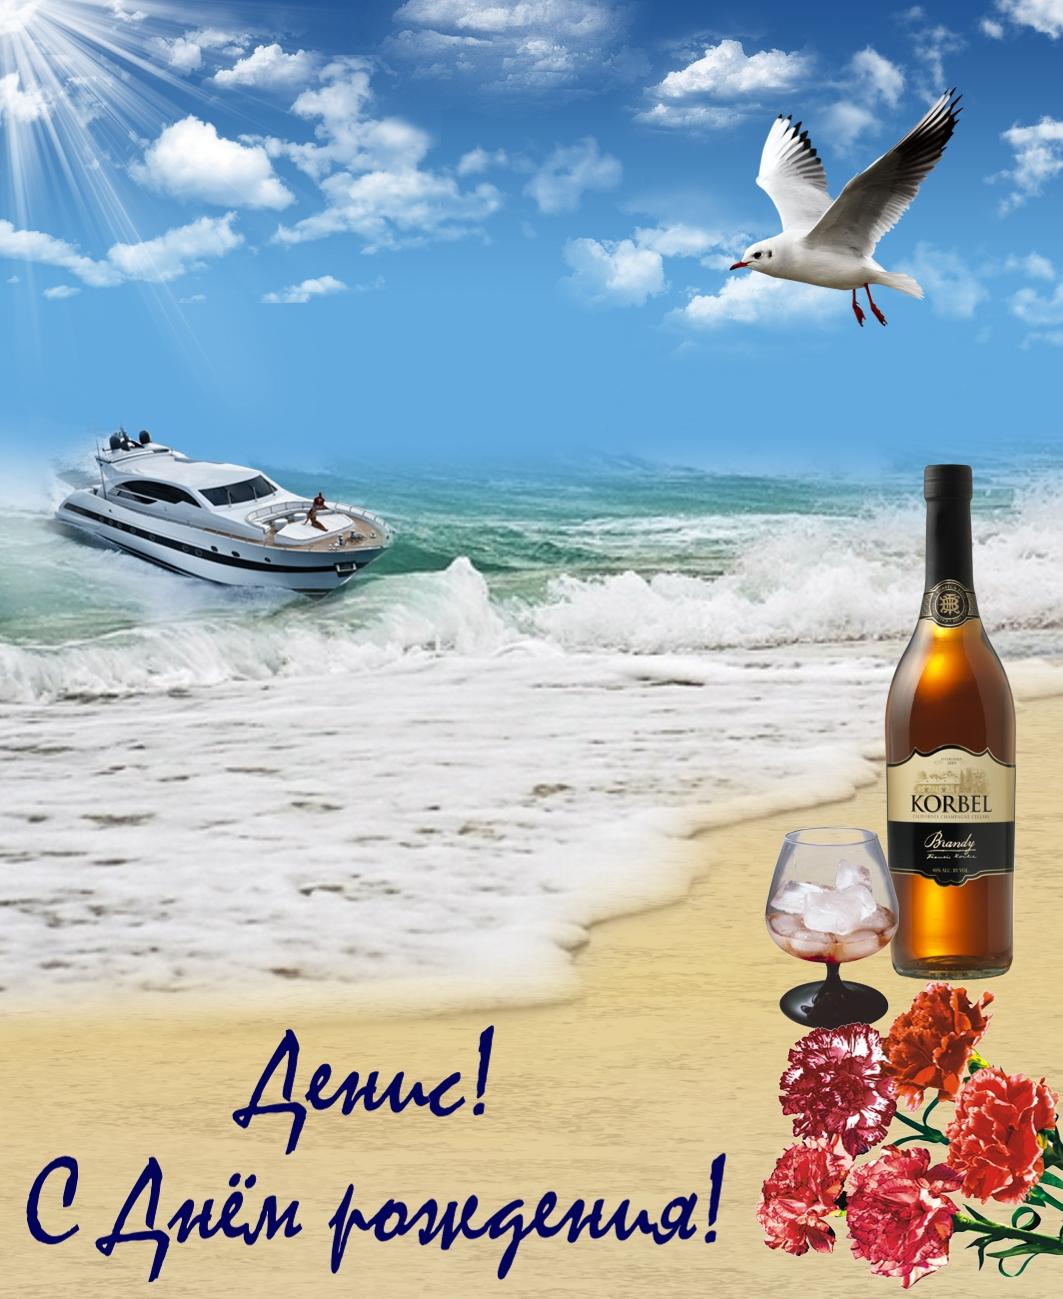 Открытка с Днем рождения Денису - морской прибой под ясным небом